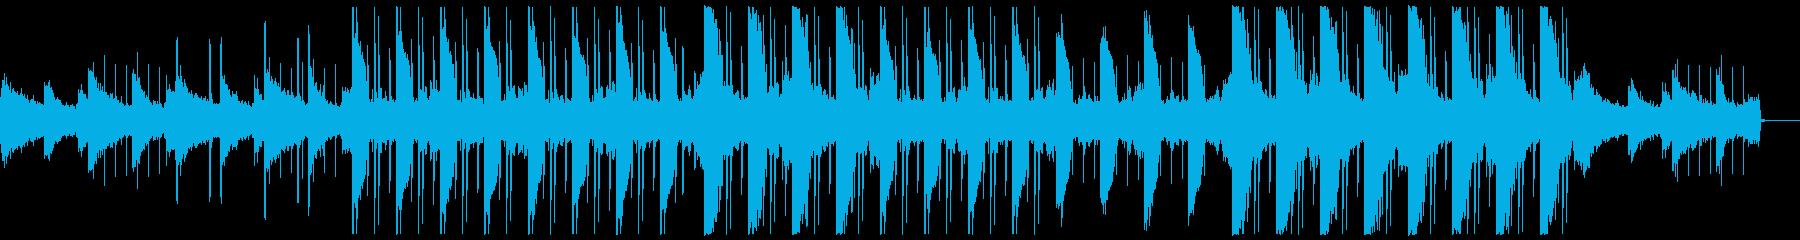 幻想的で切ないチルアウトBGMの再生済みの波形